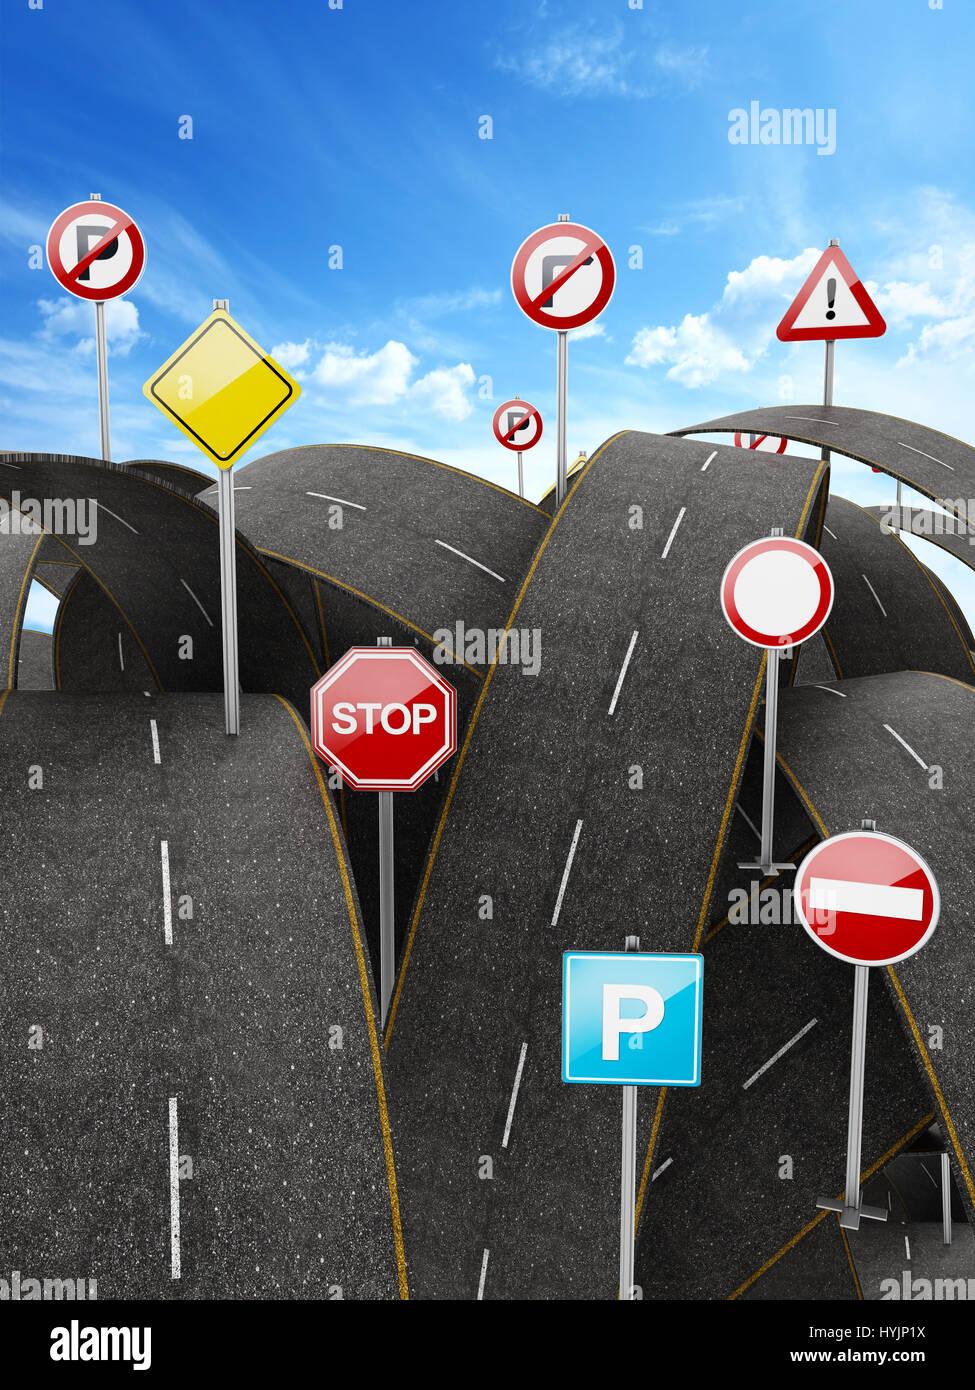 Tangled, bondé, chaotique et plusieurs routes de la signalisation routière. 3D illustration Photo Stock